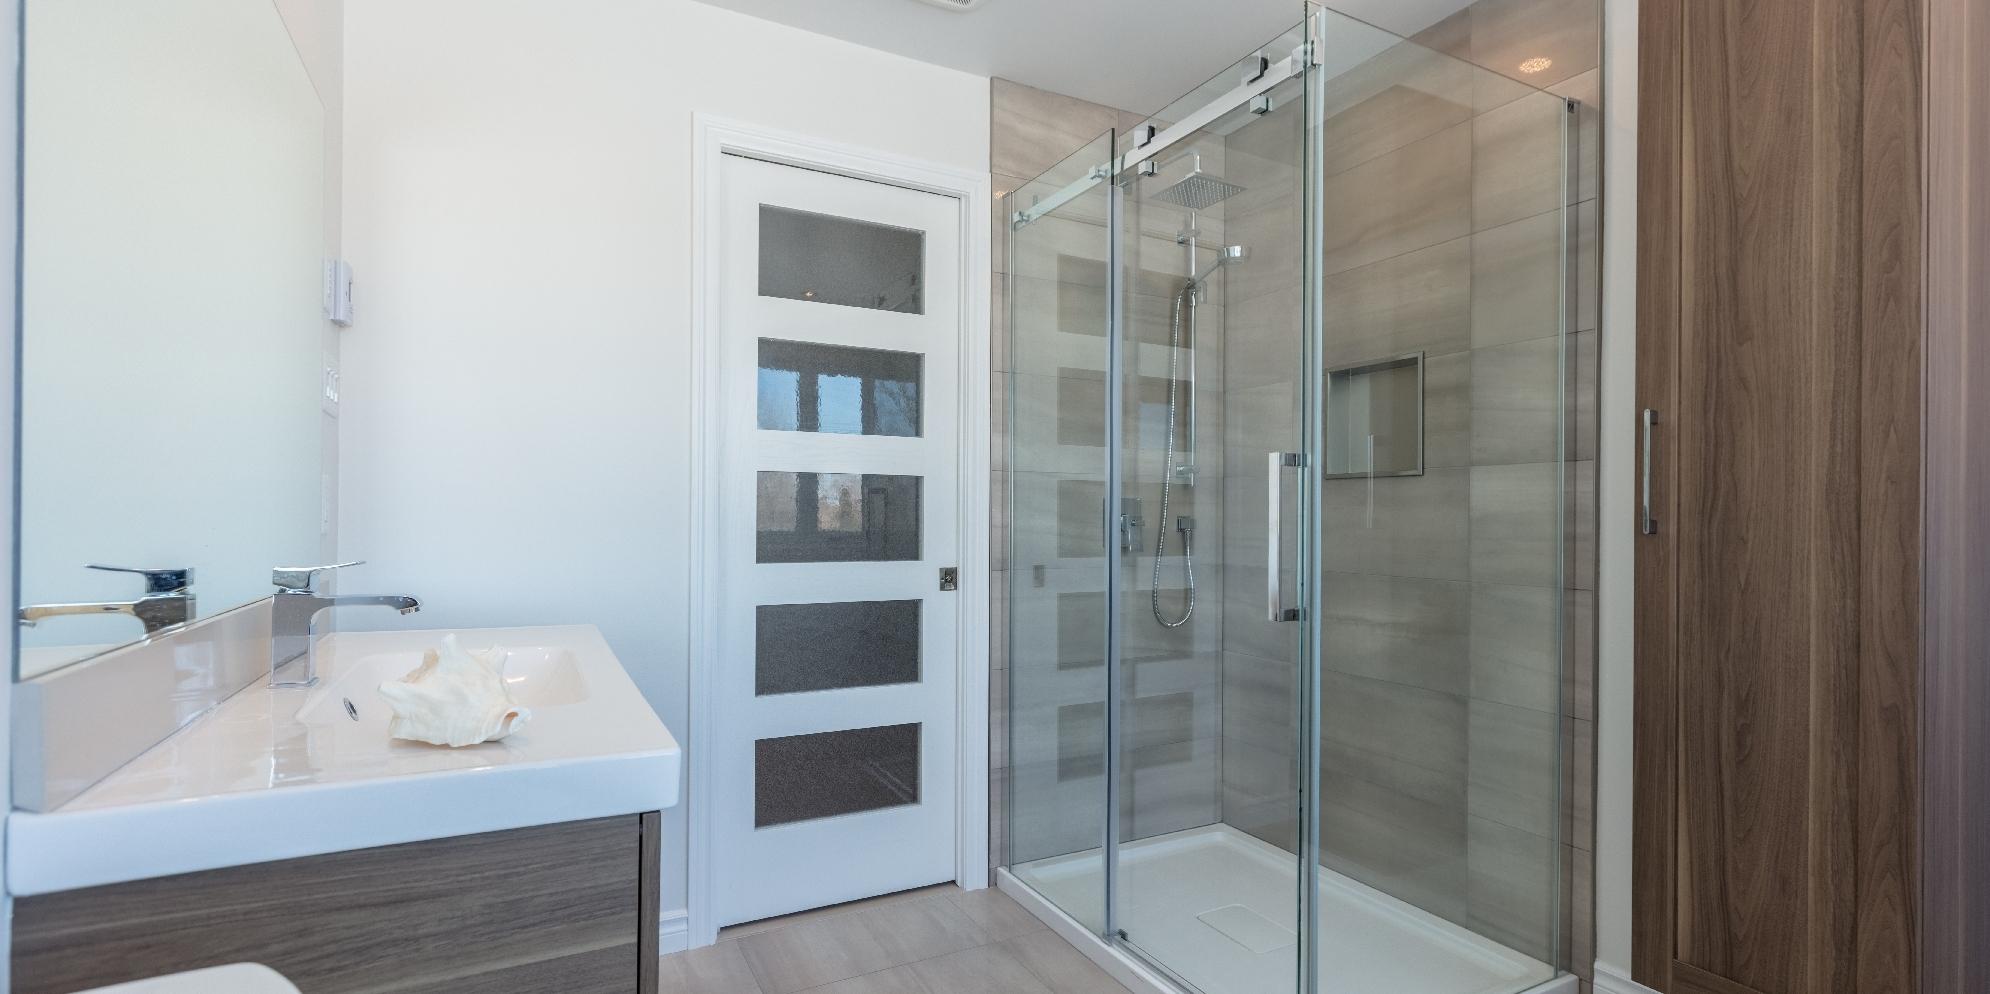 renovation-Salle de bain-M Plante3.jpg